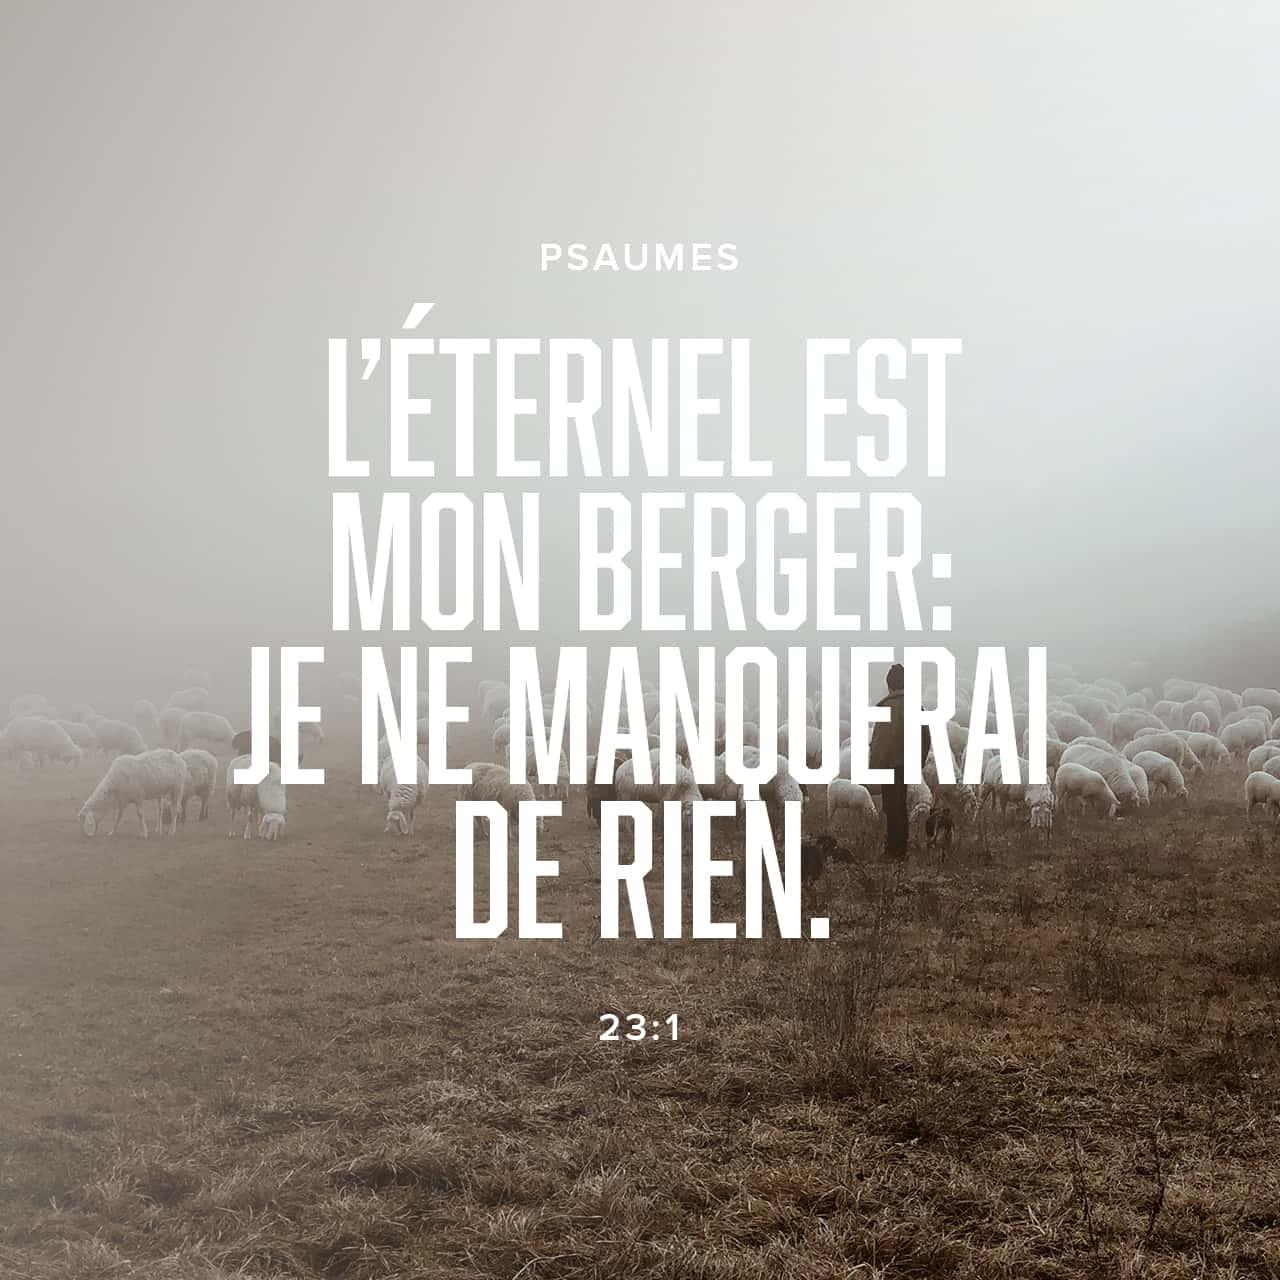 Verset Biblique du jour - jour 34 - image 56747 (Les Psaumes 23:1)